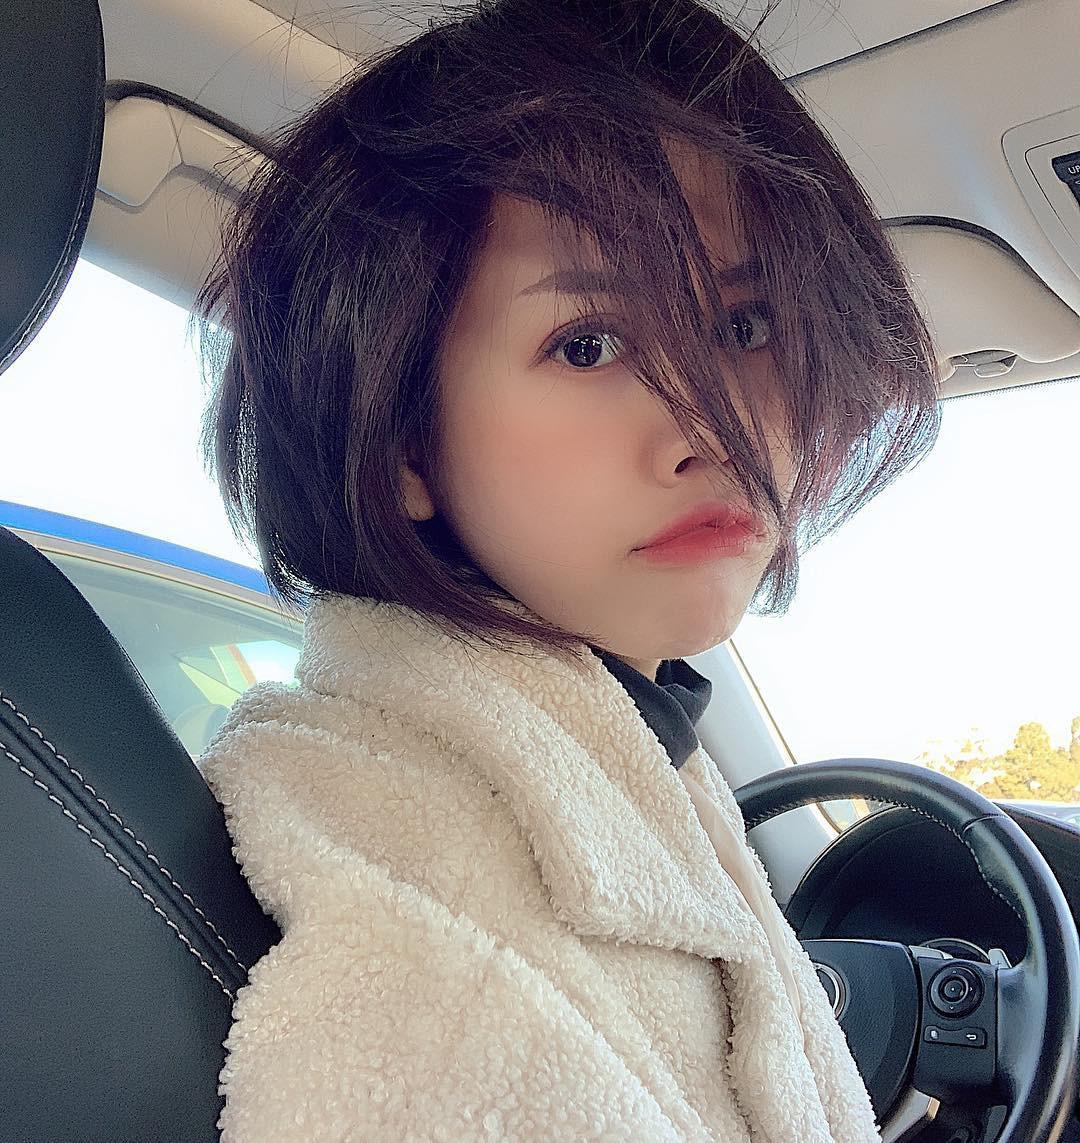 An Nguy bất ngờ tái xuất với vai trò vlogger, phát ngôn ẩn ý về scandal với Kiều Minh Tuấn: Có những chuyện mình dám nói thật, liệu các bạn có dám tin hay không?